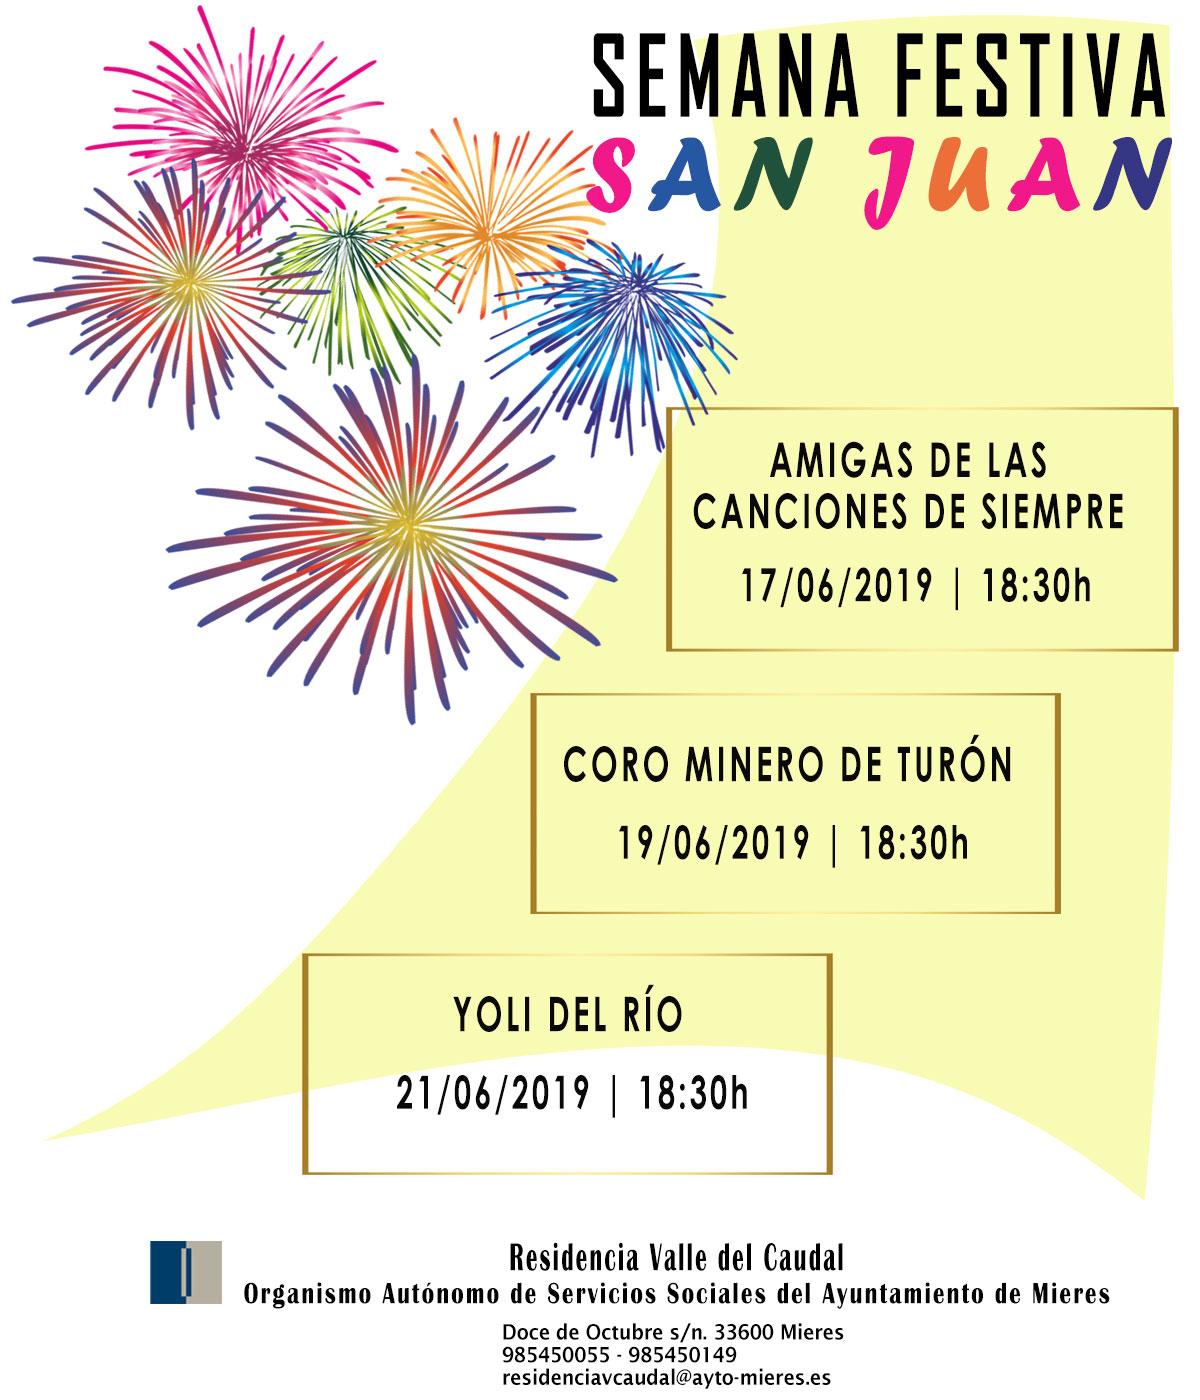 010 Cartel Semana Festiva San Juan 2019 Para Web